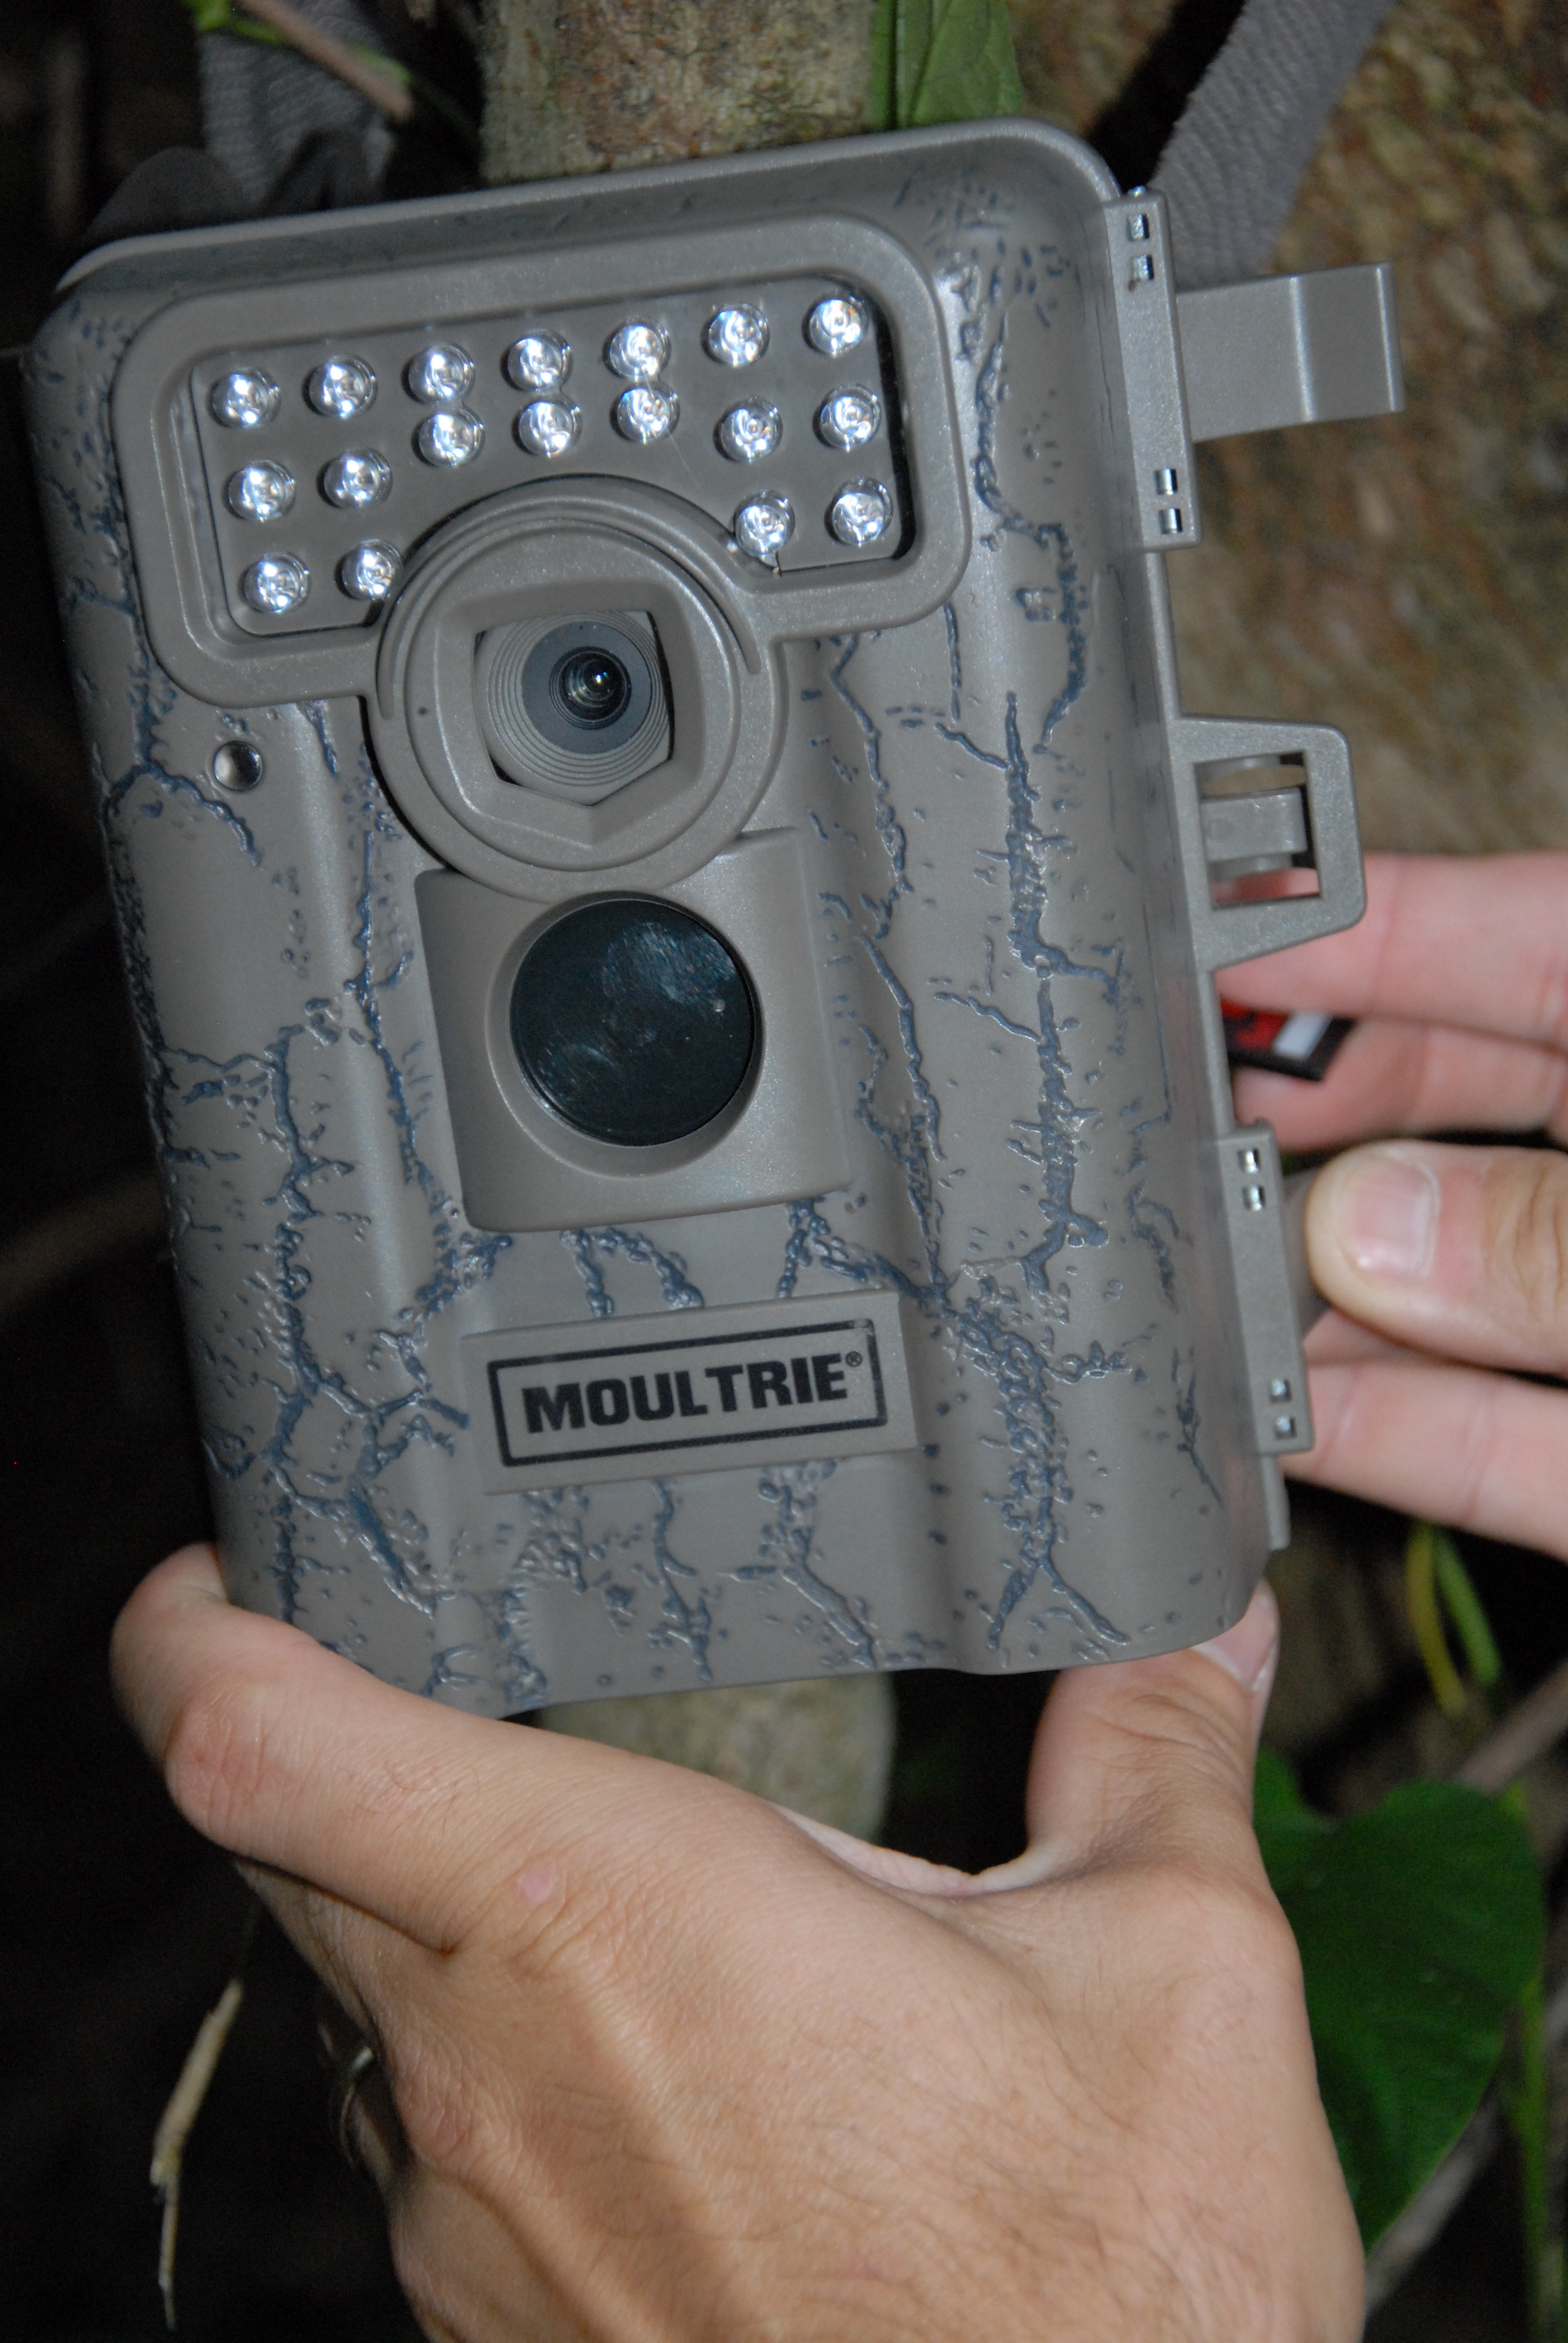 motion-sensor camera